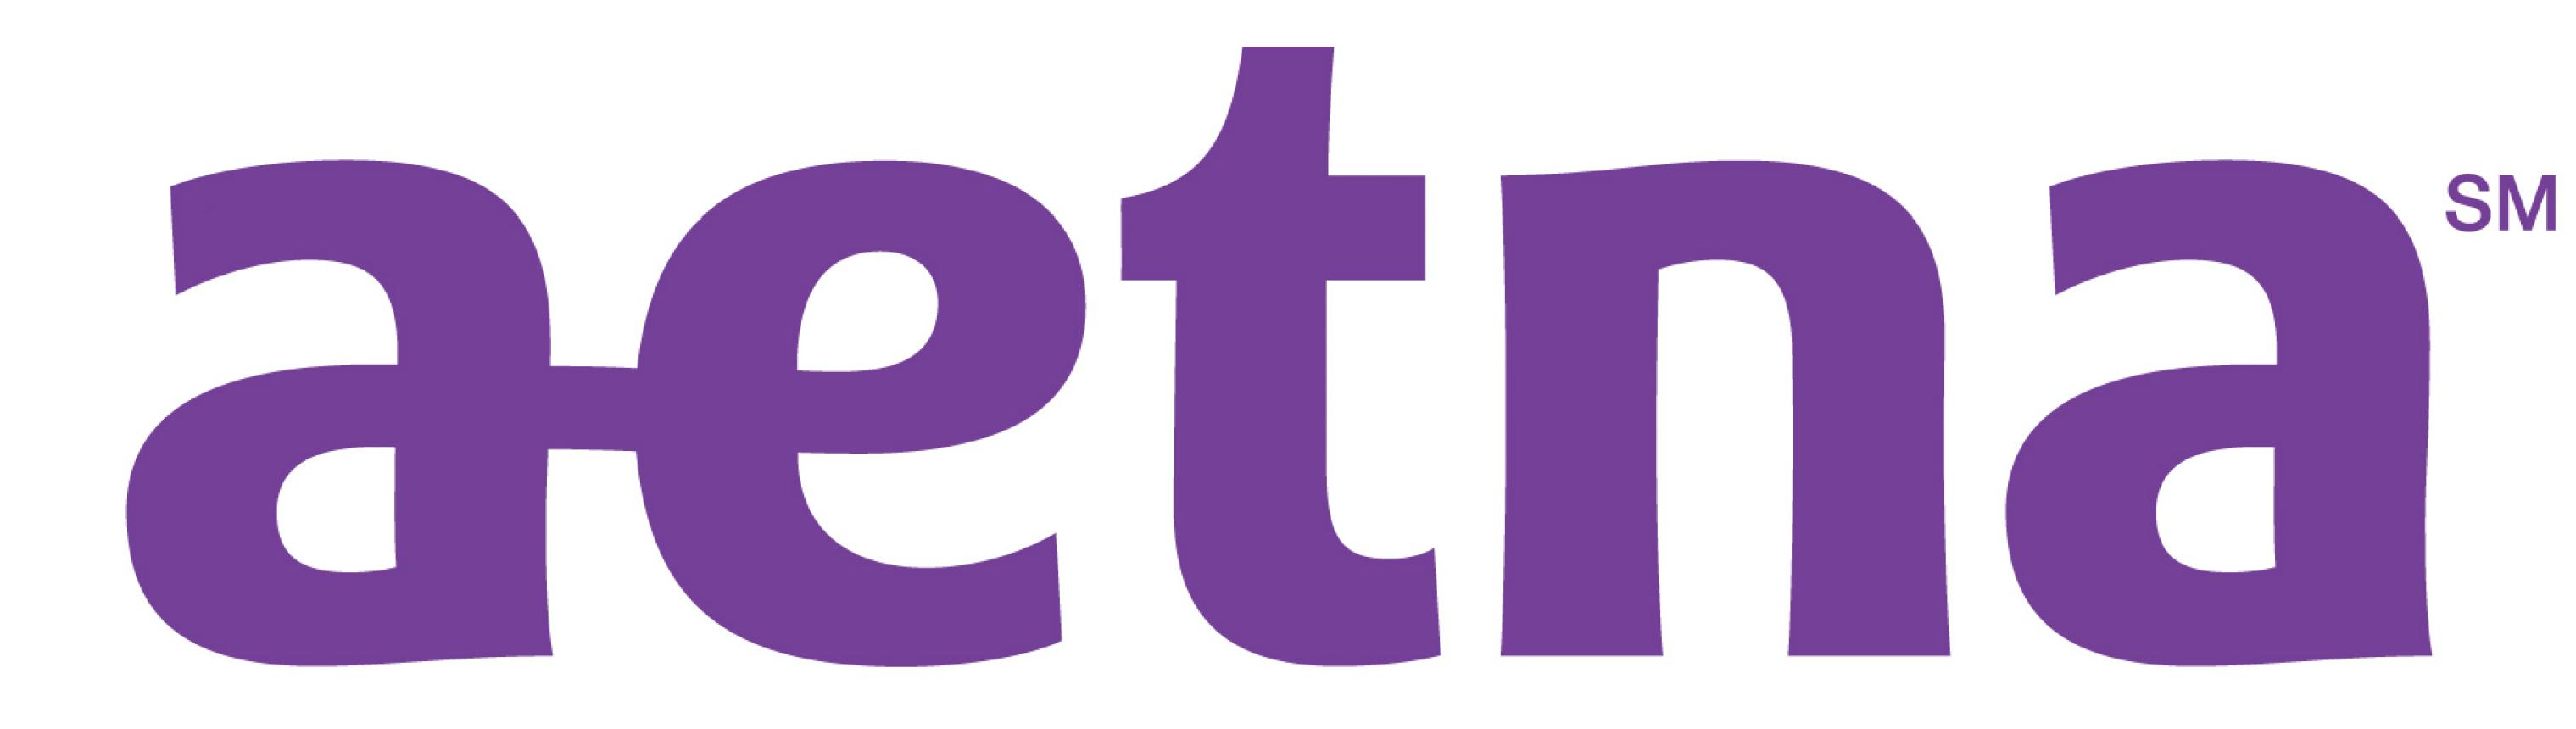 Aetna Logo Wallpaper